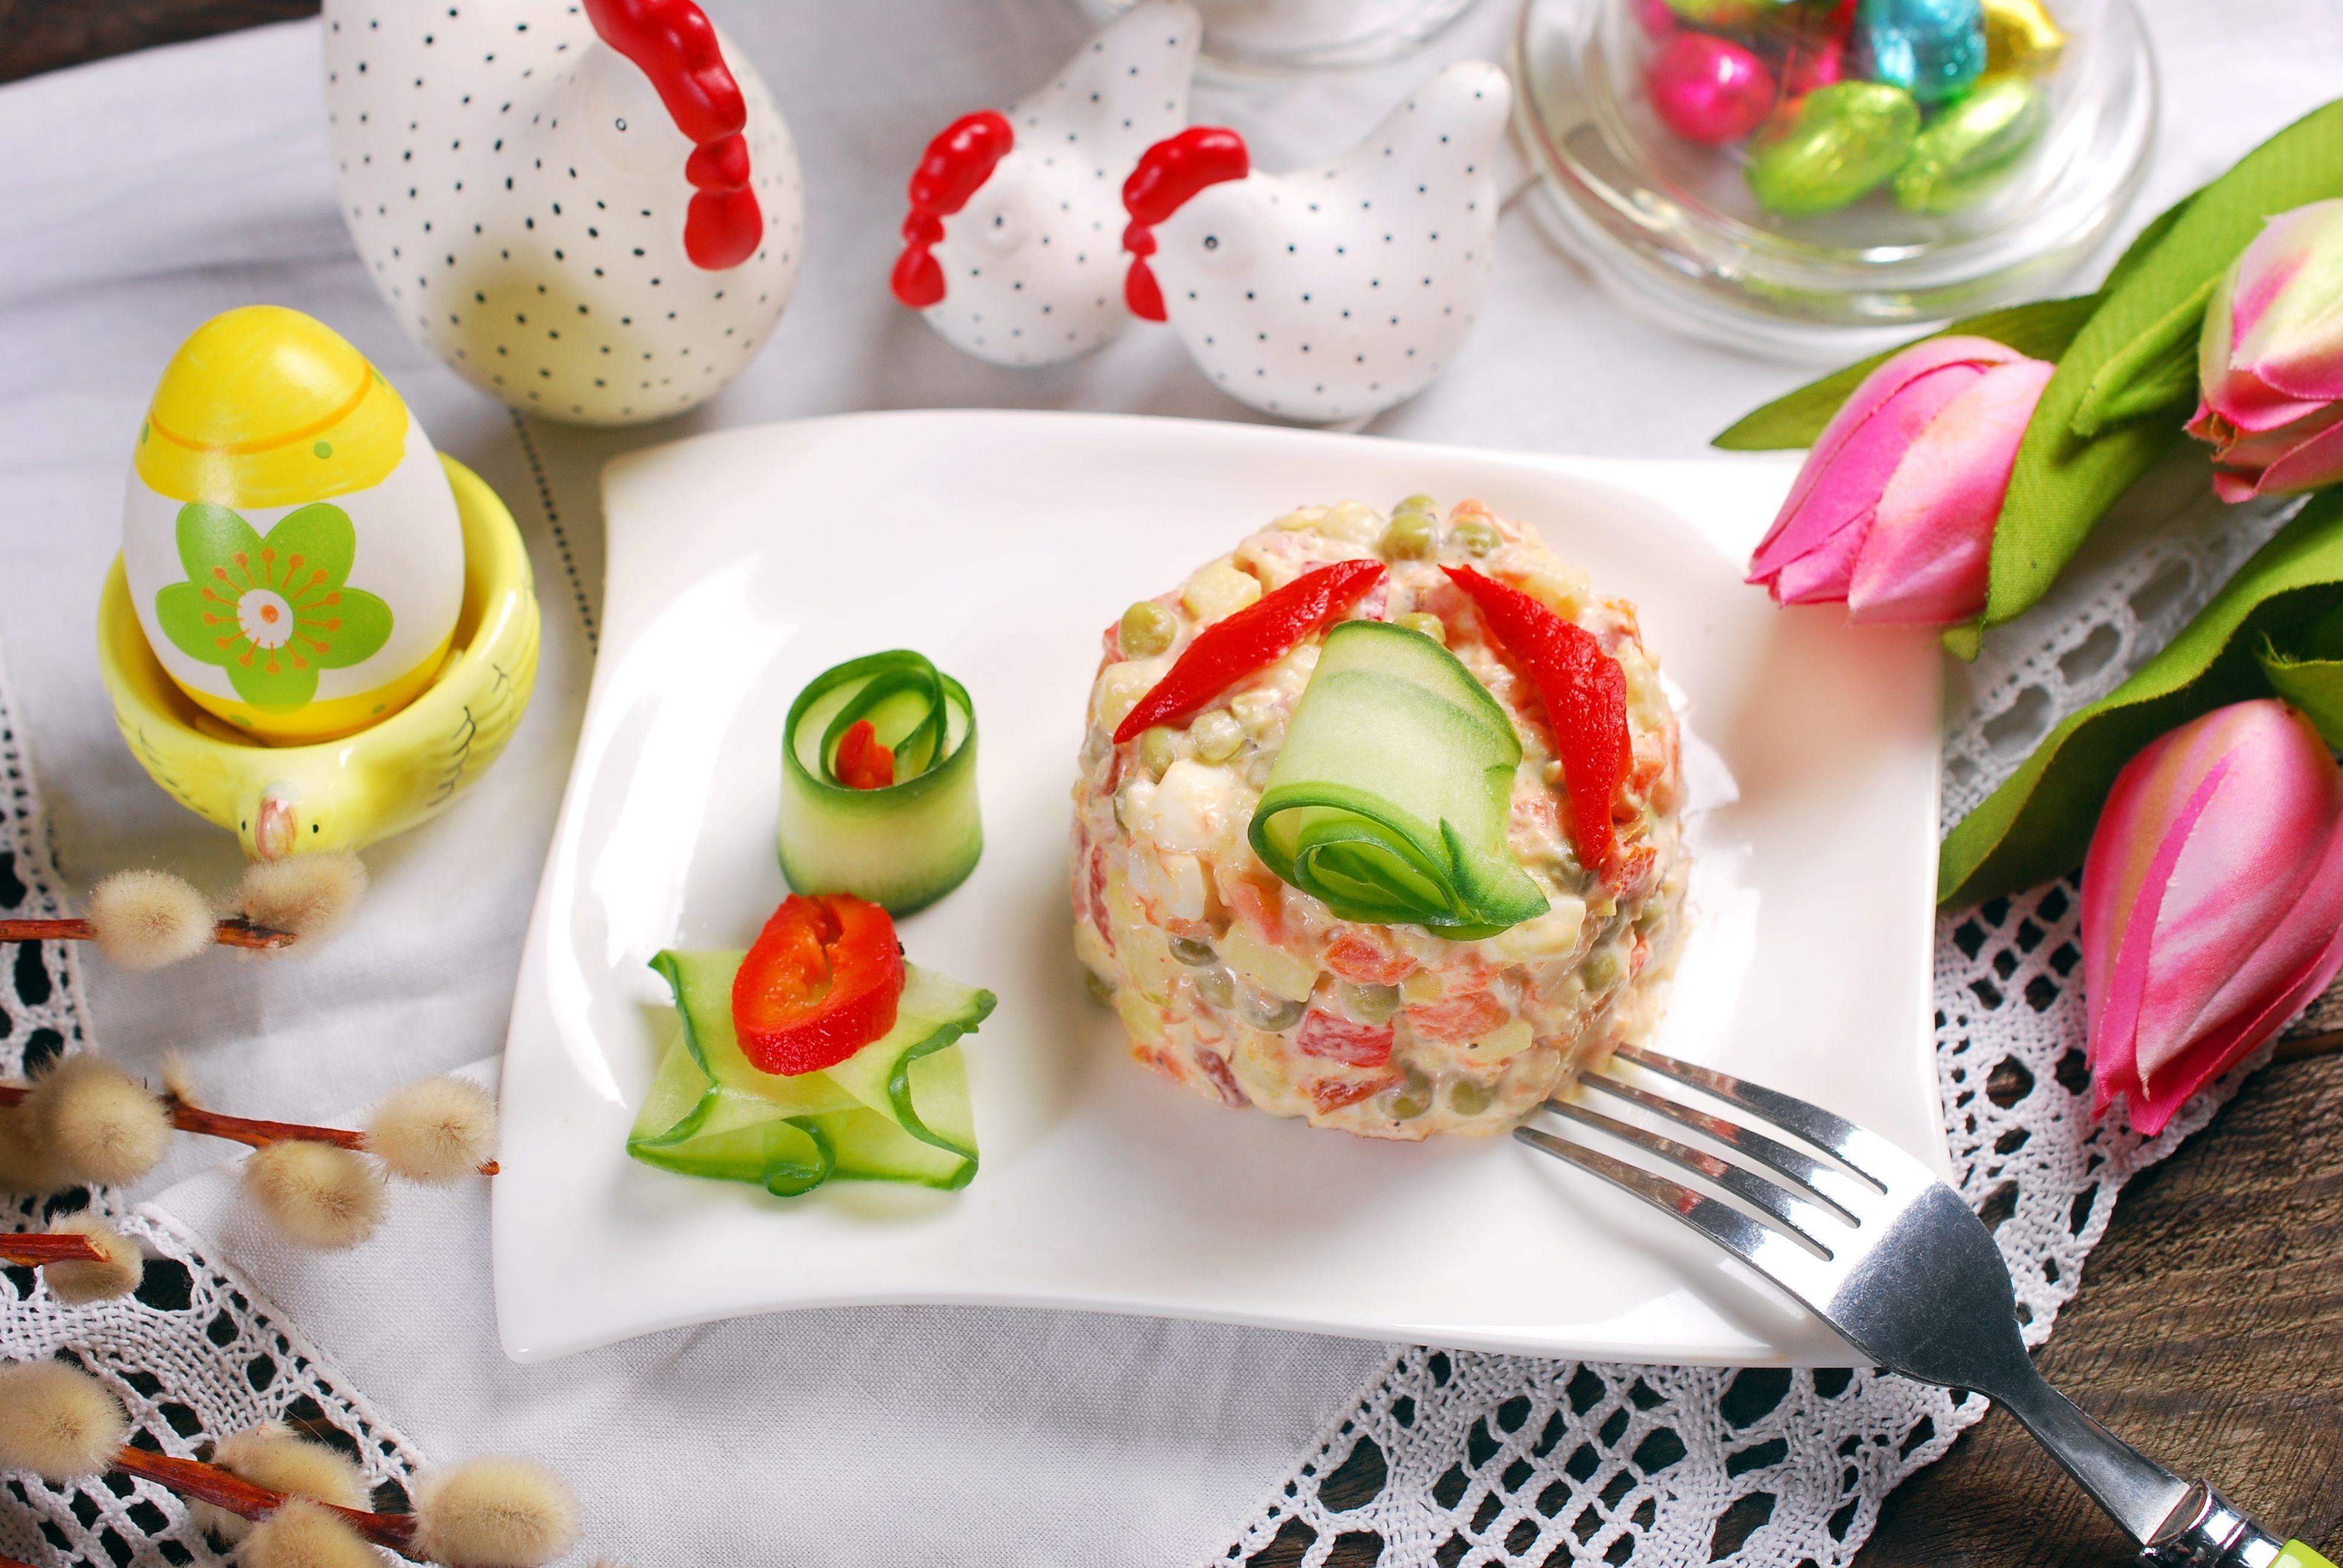 Prosta Dekoracja Potraw Na święta Gotujmypl